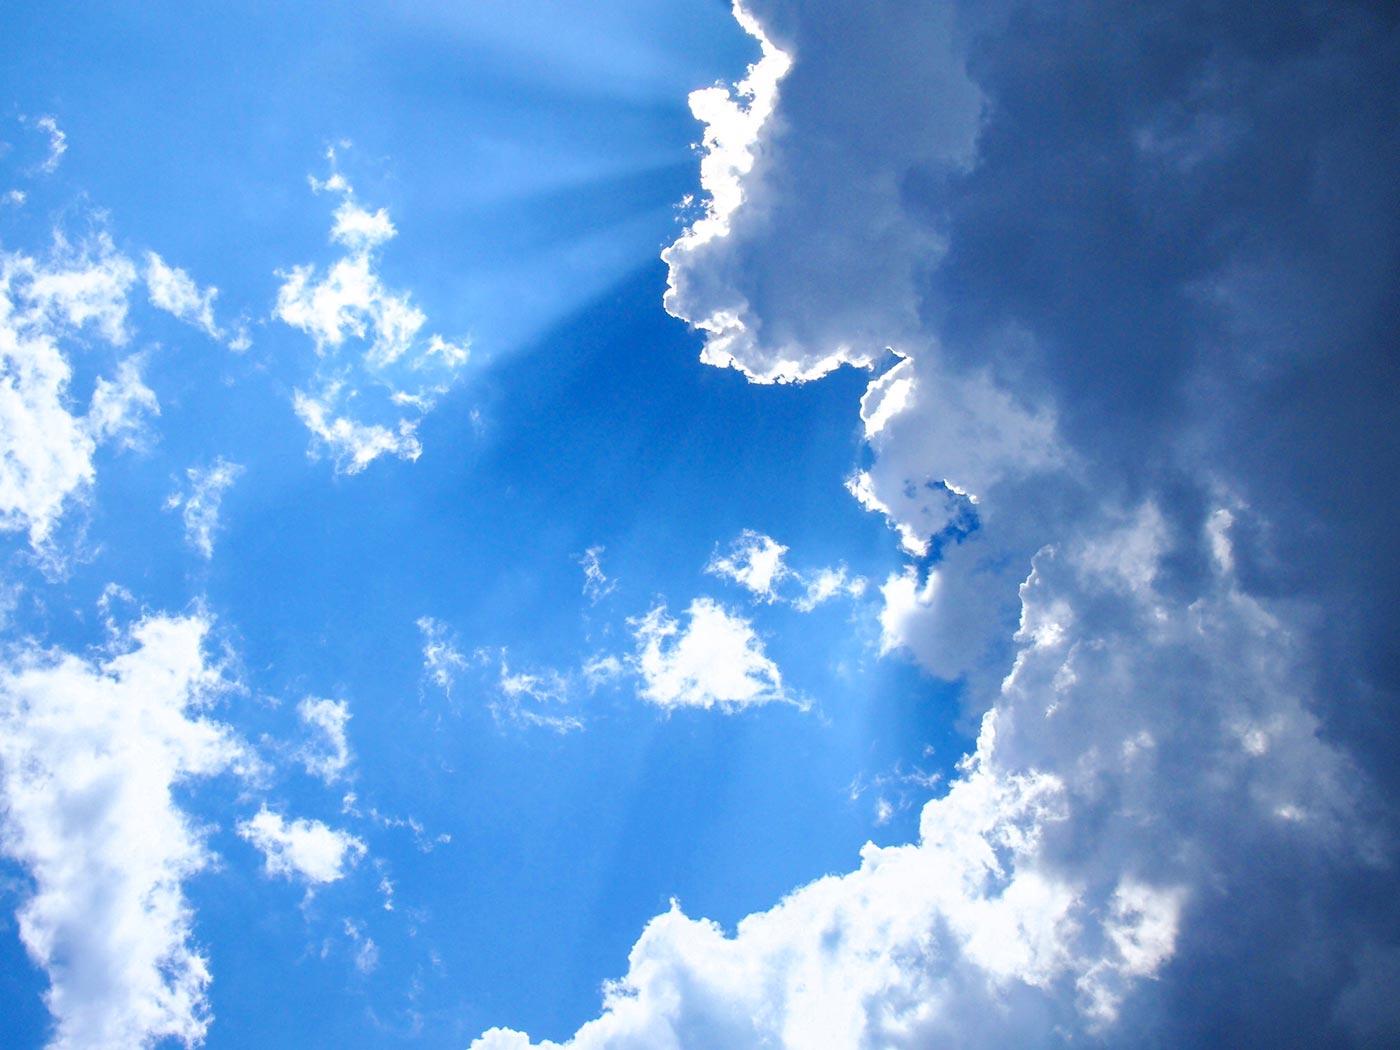 雨が続いて気温が下がっていても、梅雨の晴れ間には急激に気温が上がります。